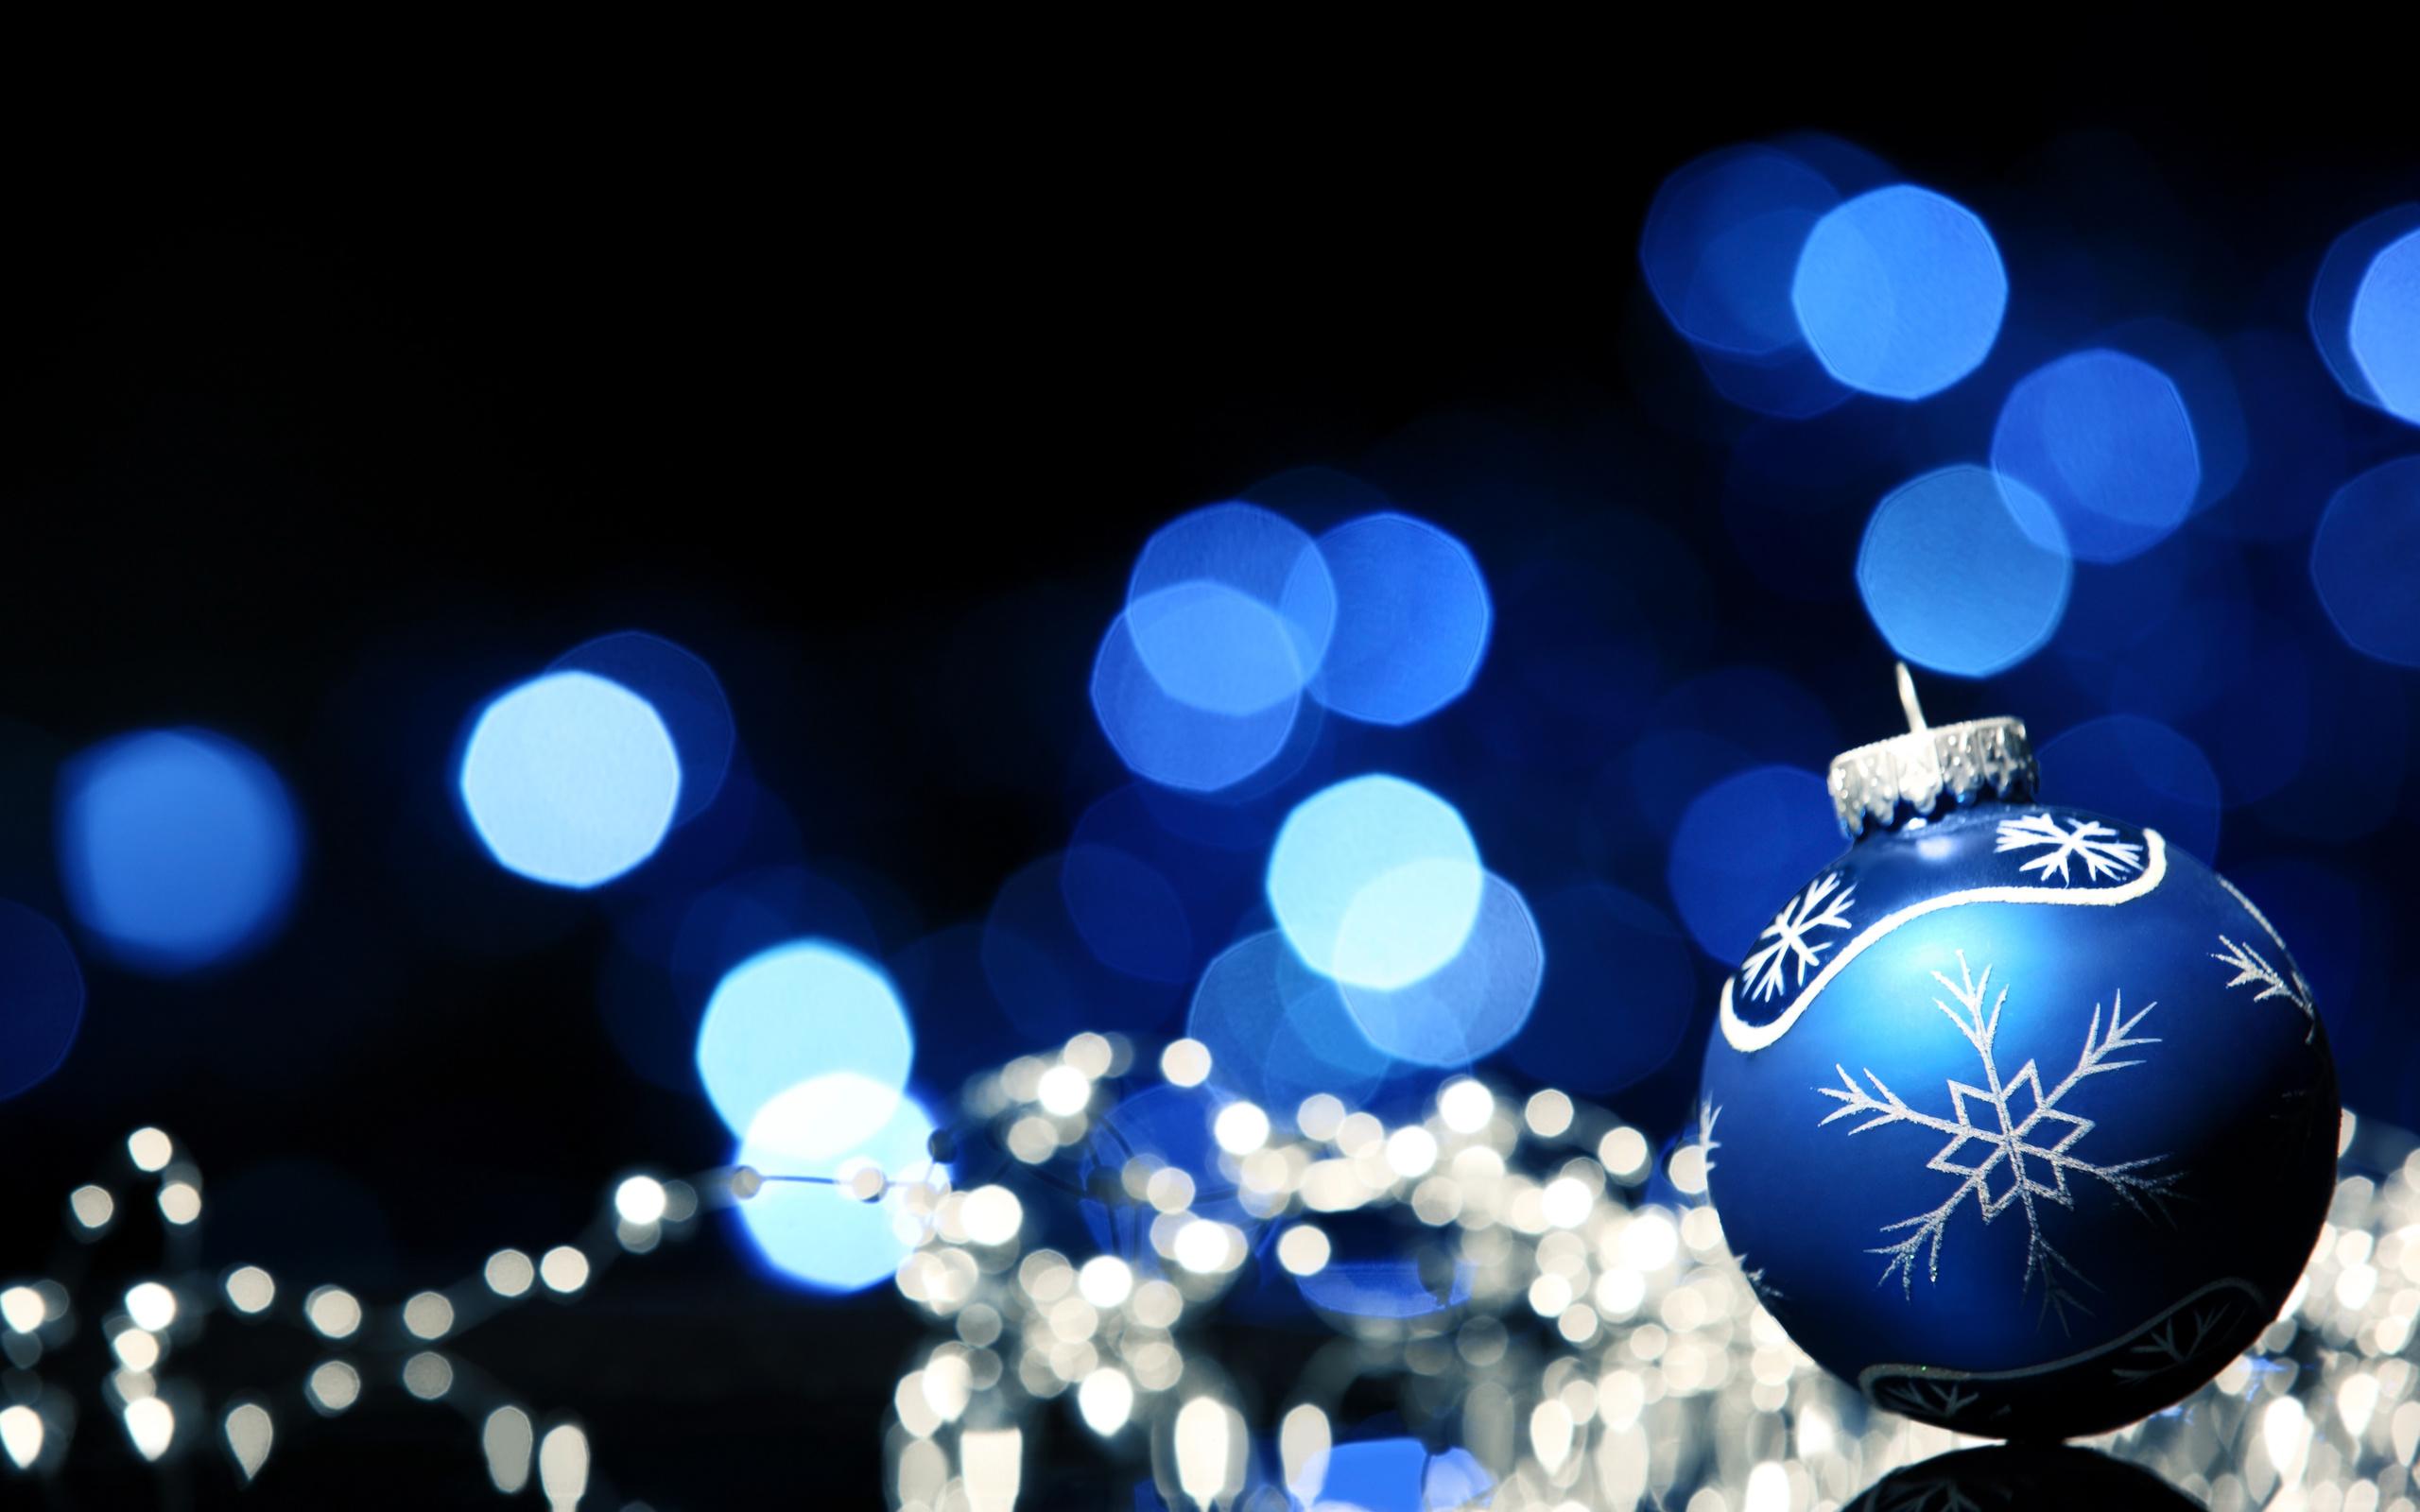 фотографий, открытки с новым годом на синем фоне иной раз постоять